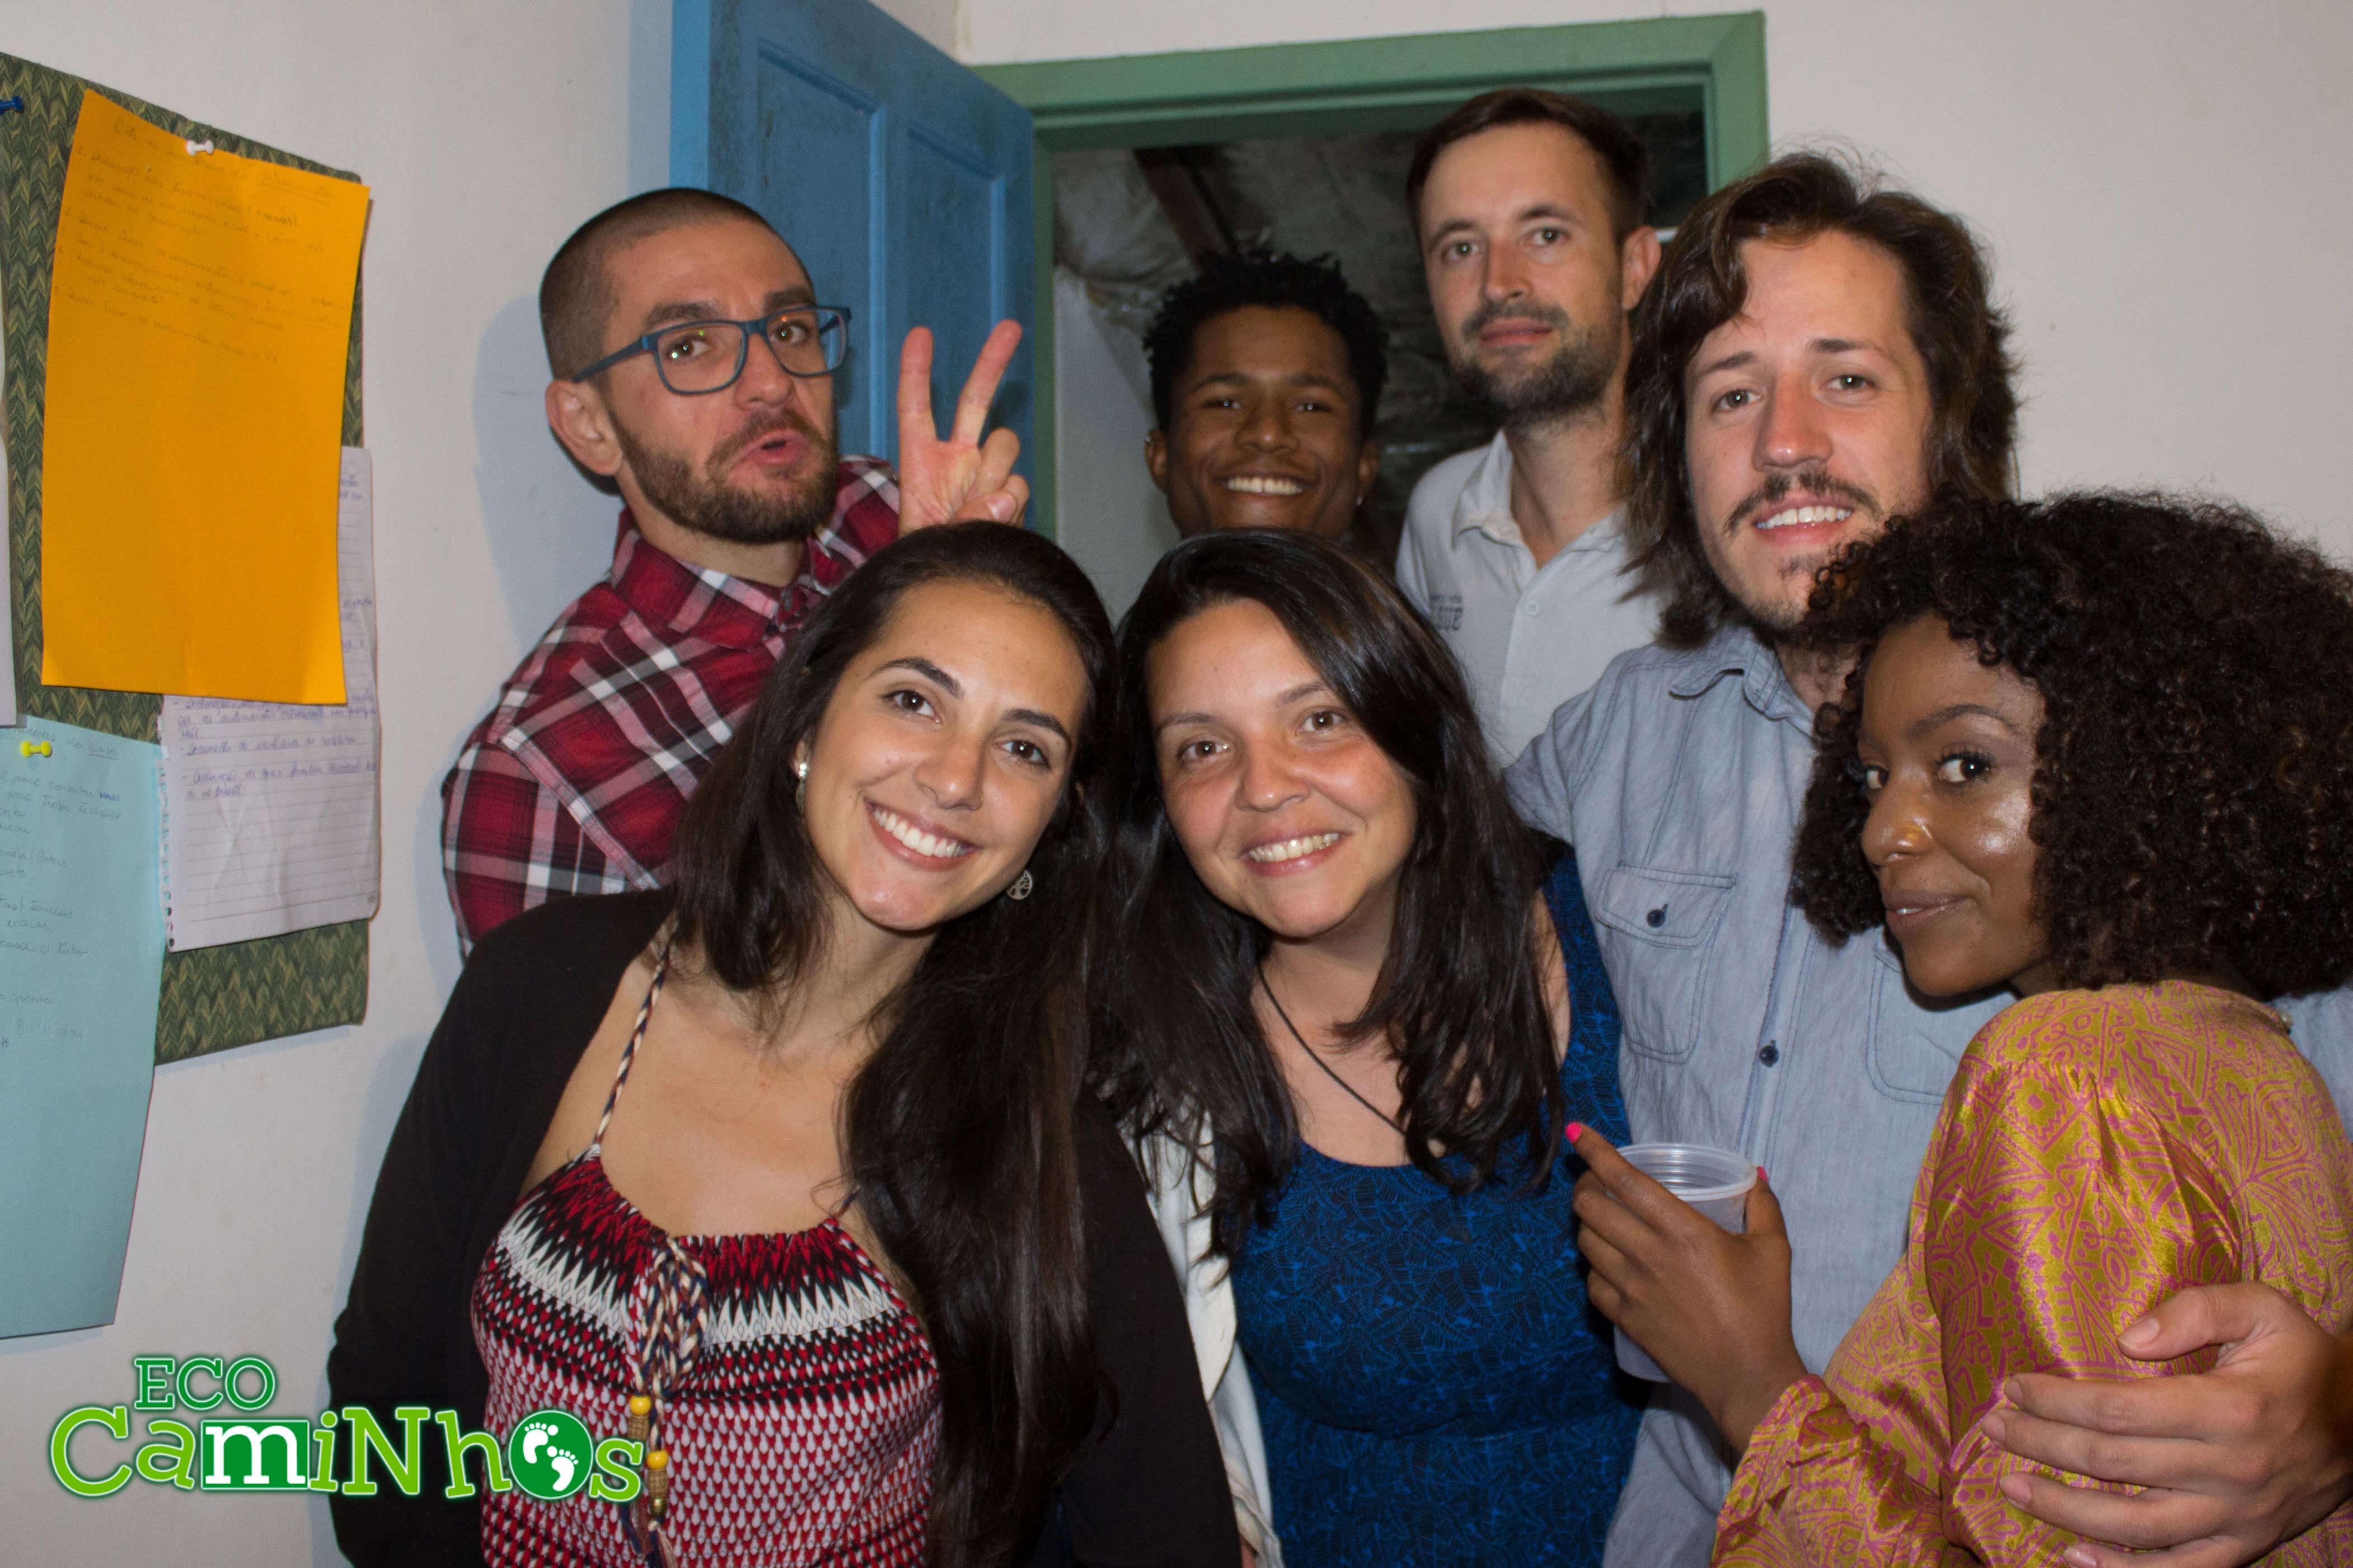 Eco Caminhos, party, lifestyle, volunteer, festa, voluntariado,